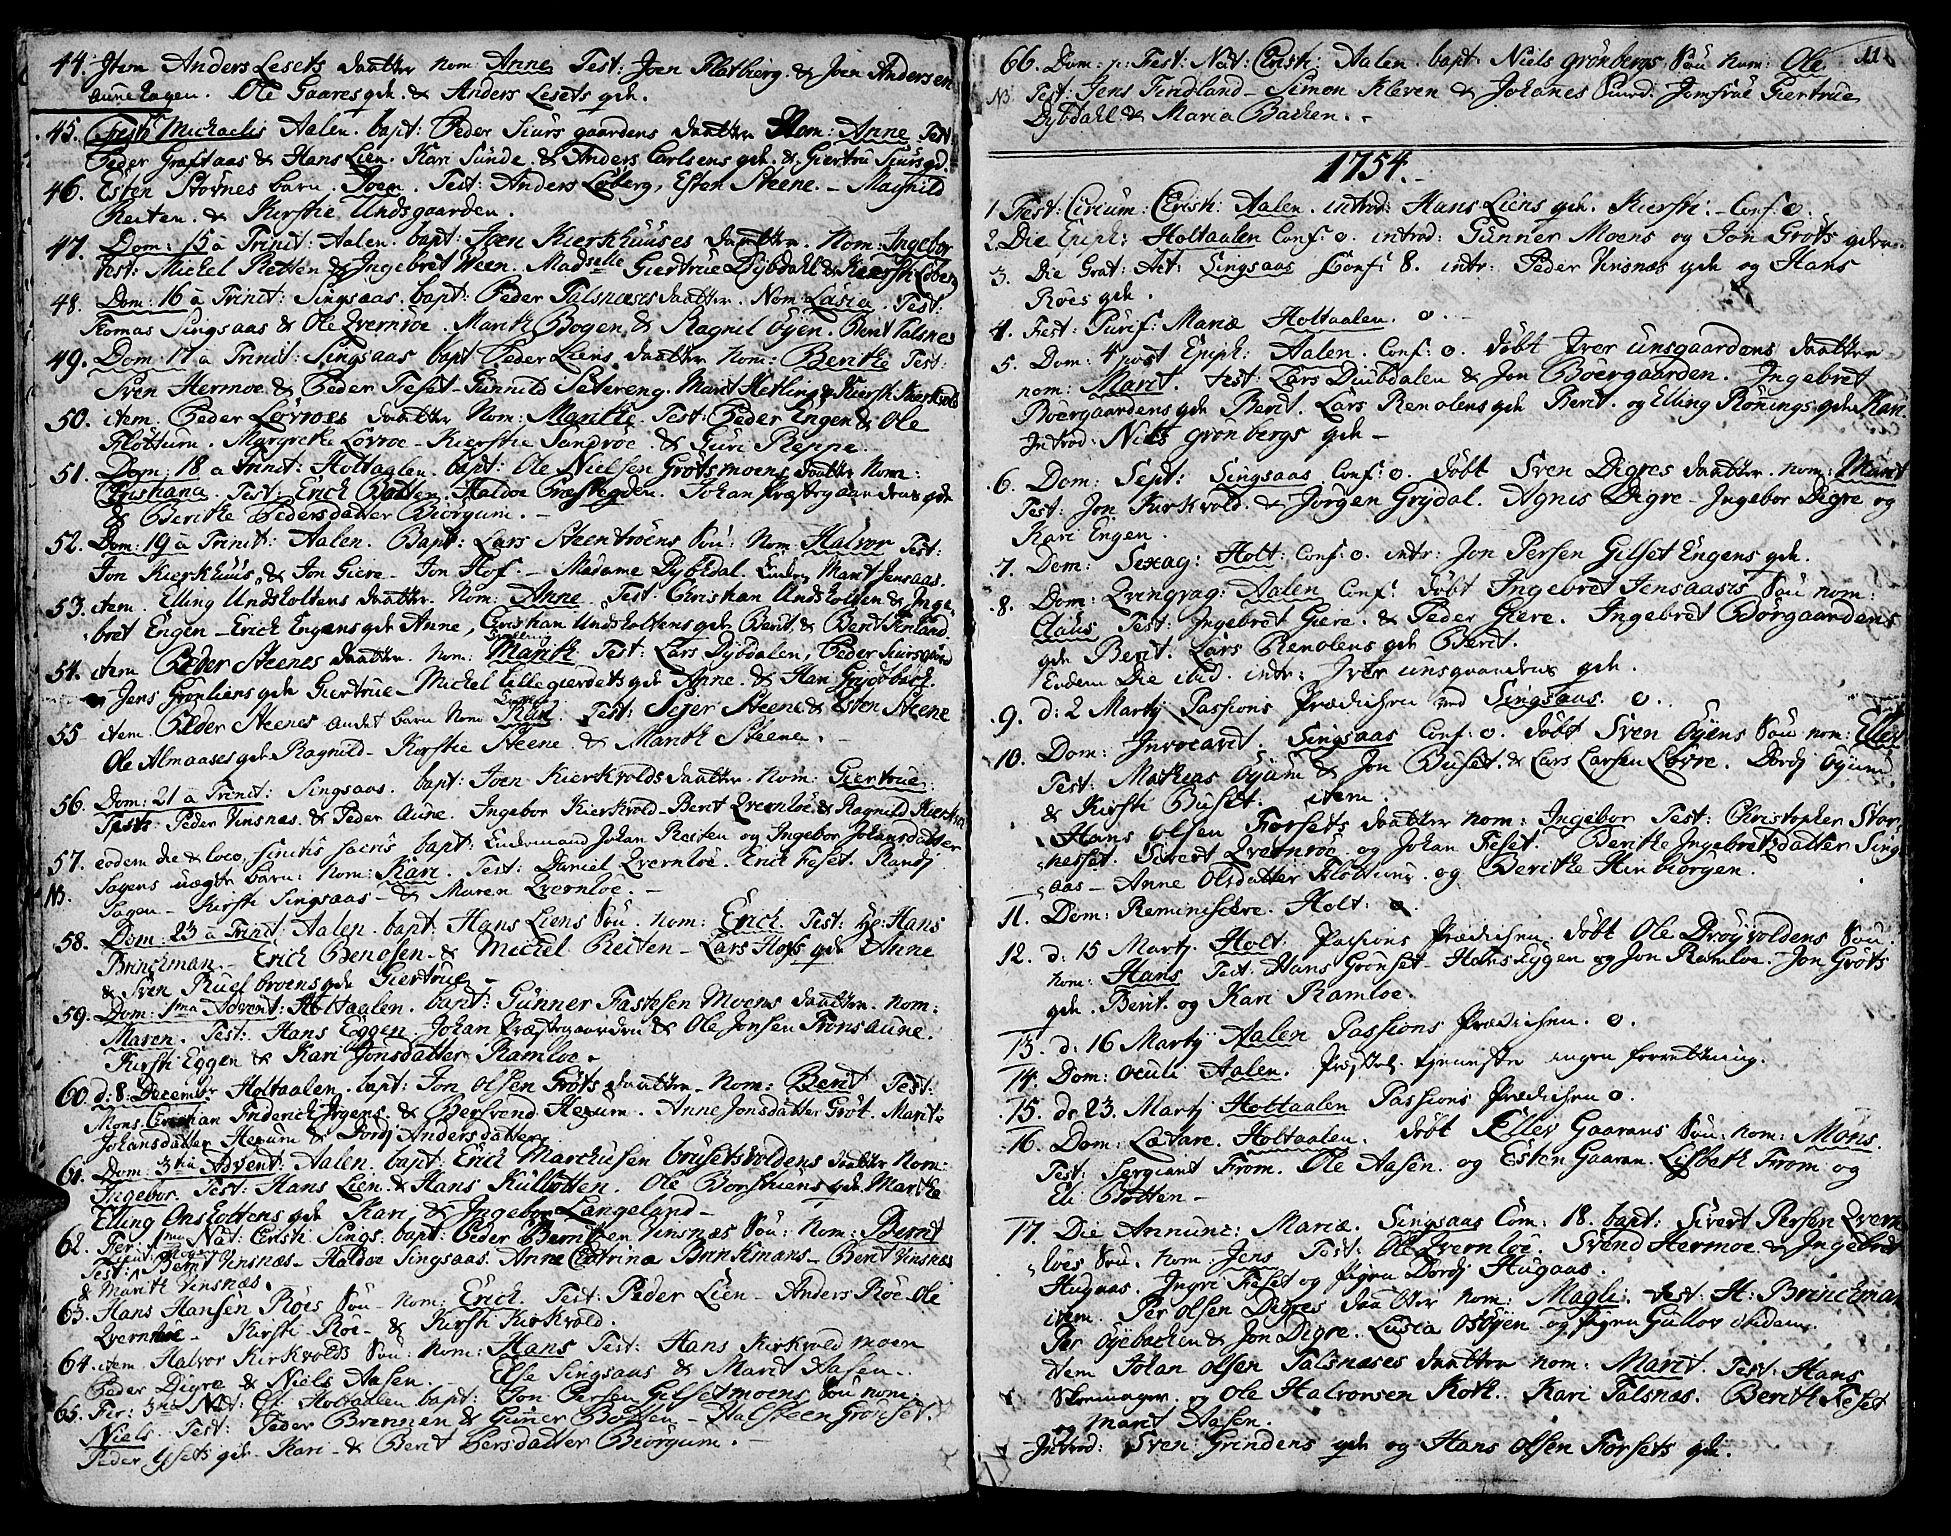 SAT, Ministerialprotokoller, klokkerbøker og fødselsregistre - Sør-Trøndelag, 685/L0952: Ministerialbok nr. 685A01, 1745-1804, s. 11